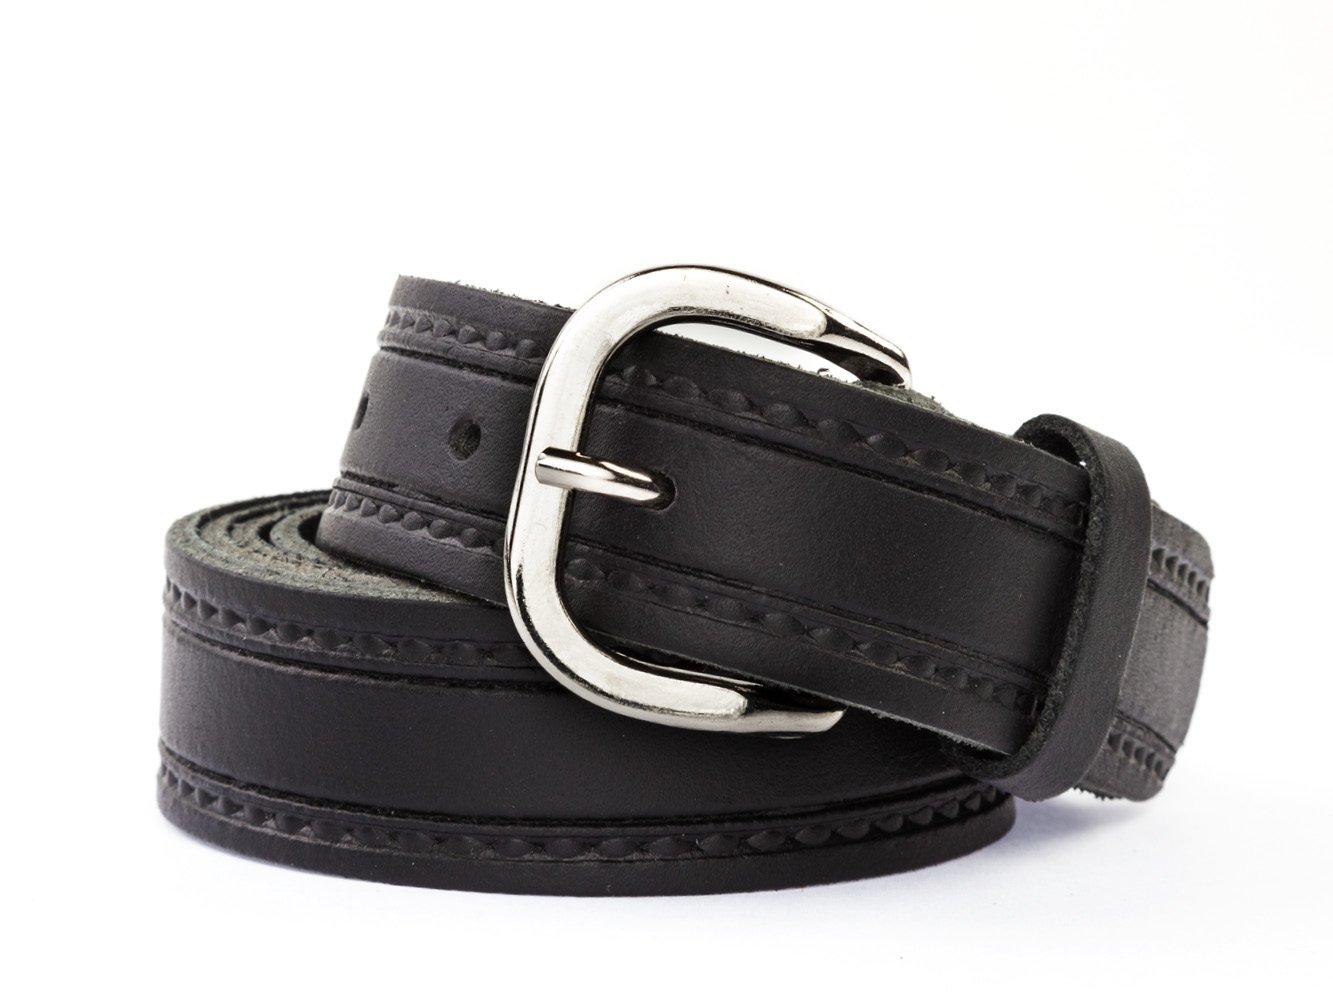 shenky – Cinturón de cuero – Diferentes diseños y colores